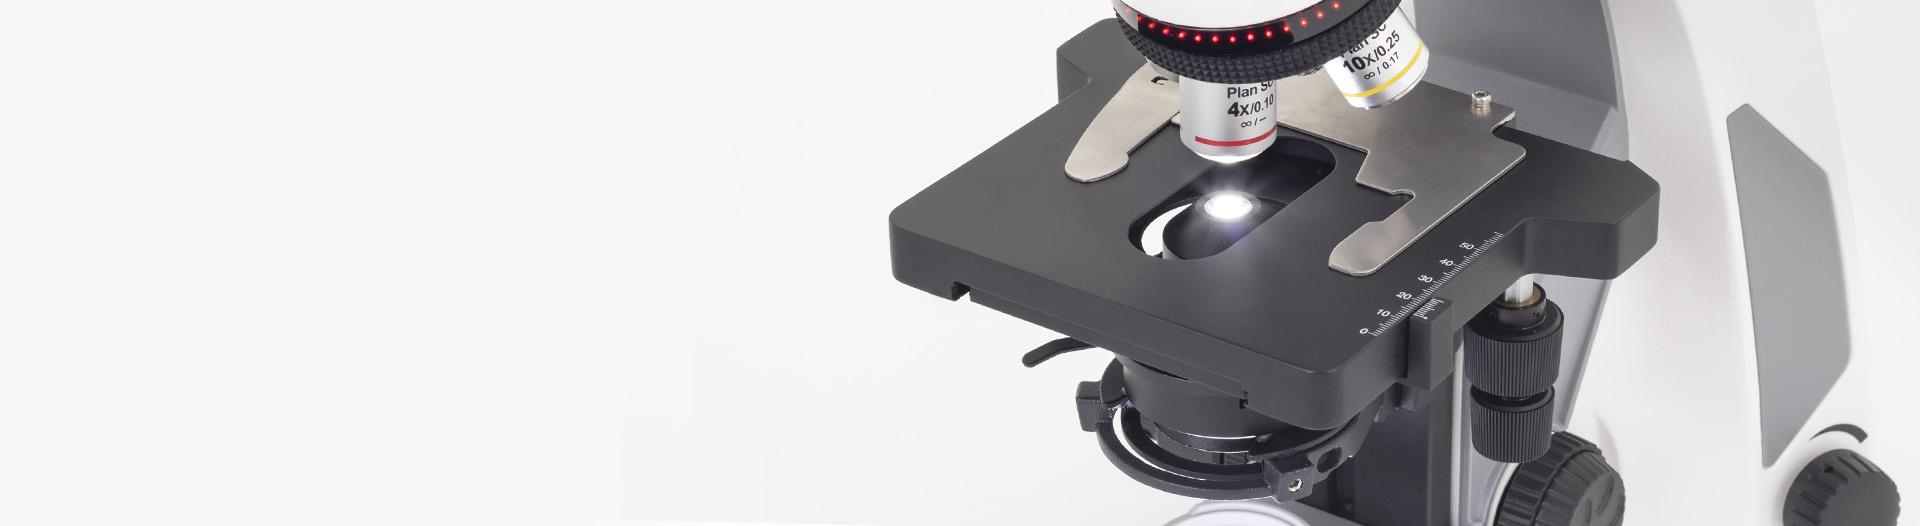 Panthera E microscope mechanics stage